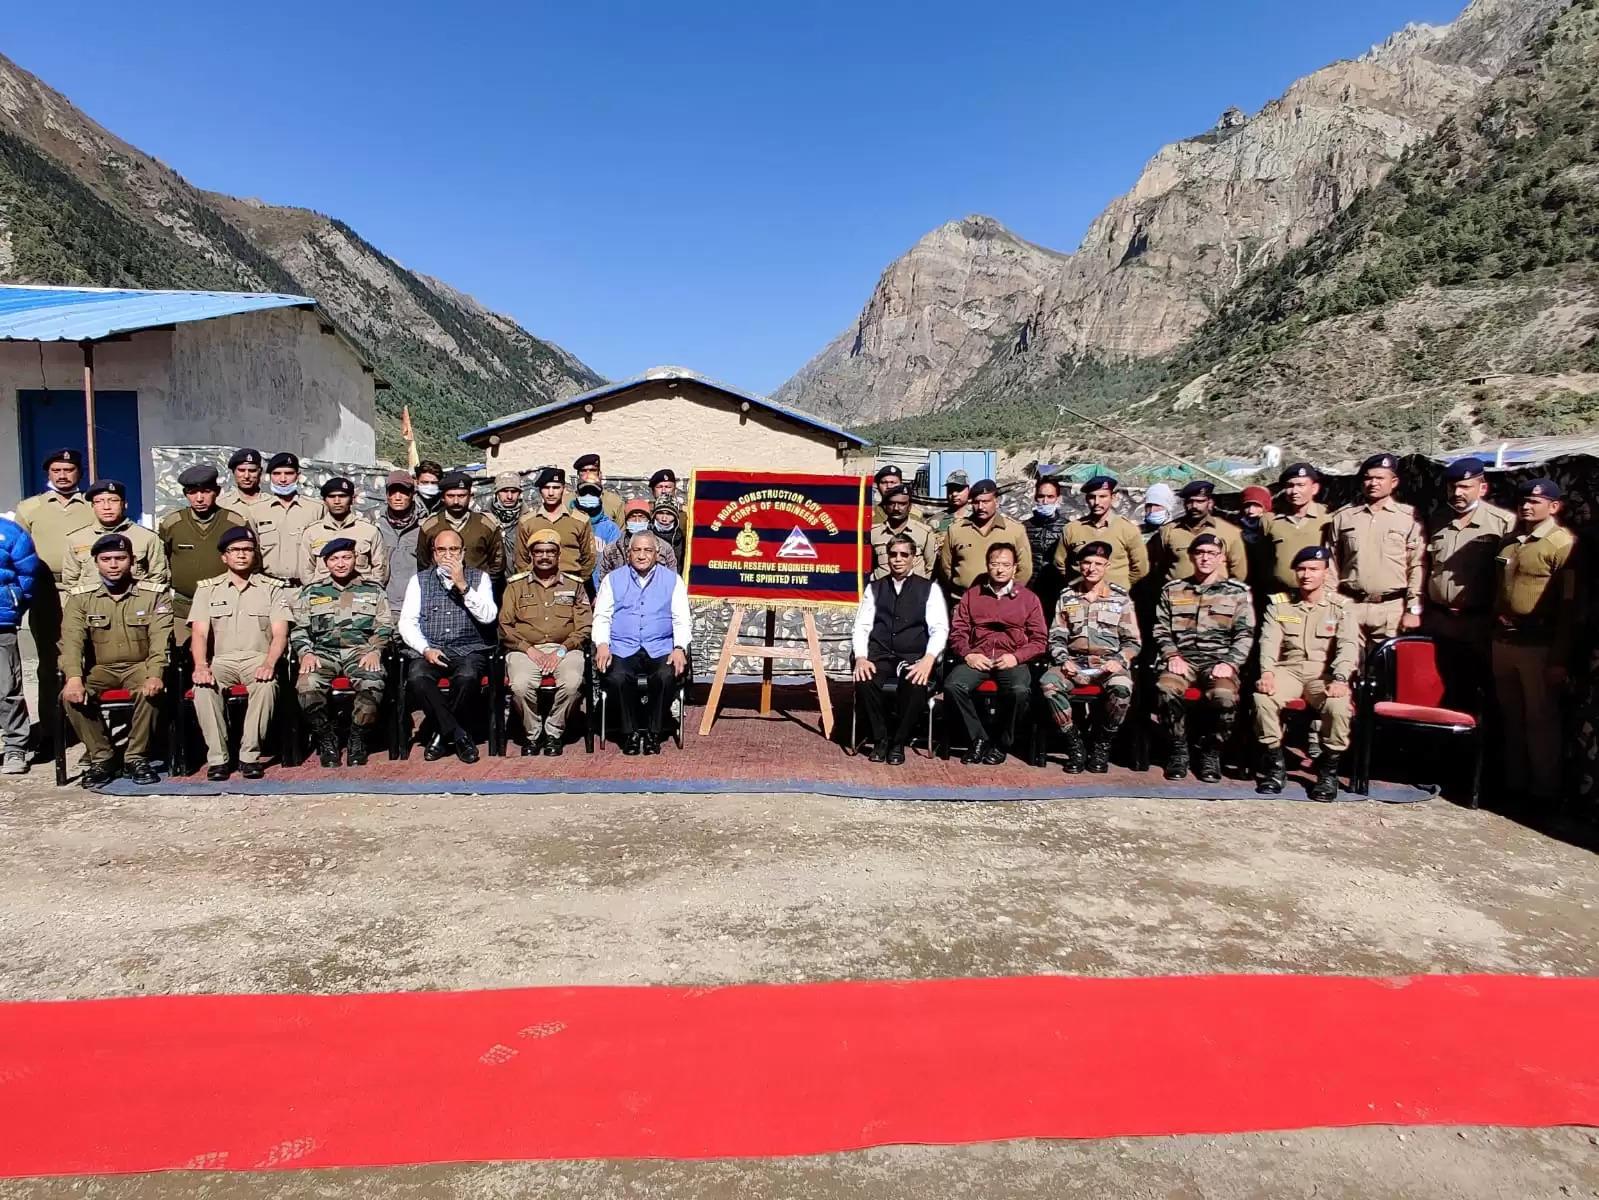 चीन-नेपाल सीमा से लगे गुंजी गांव का केंद्रीय मंत्री डॉ वीके सिंह ने किया दौरा